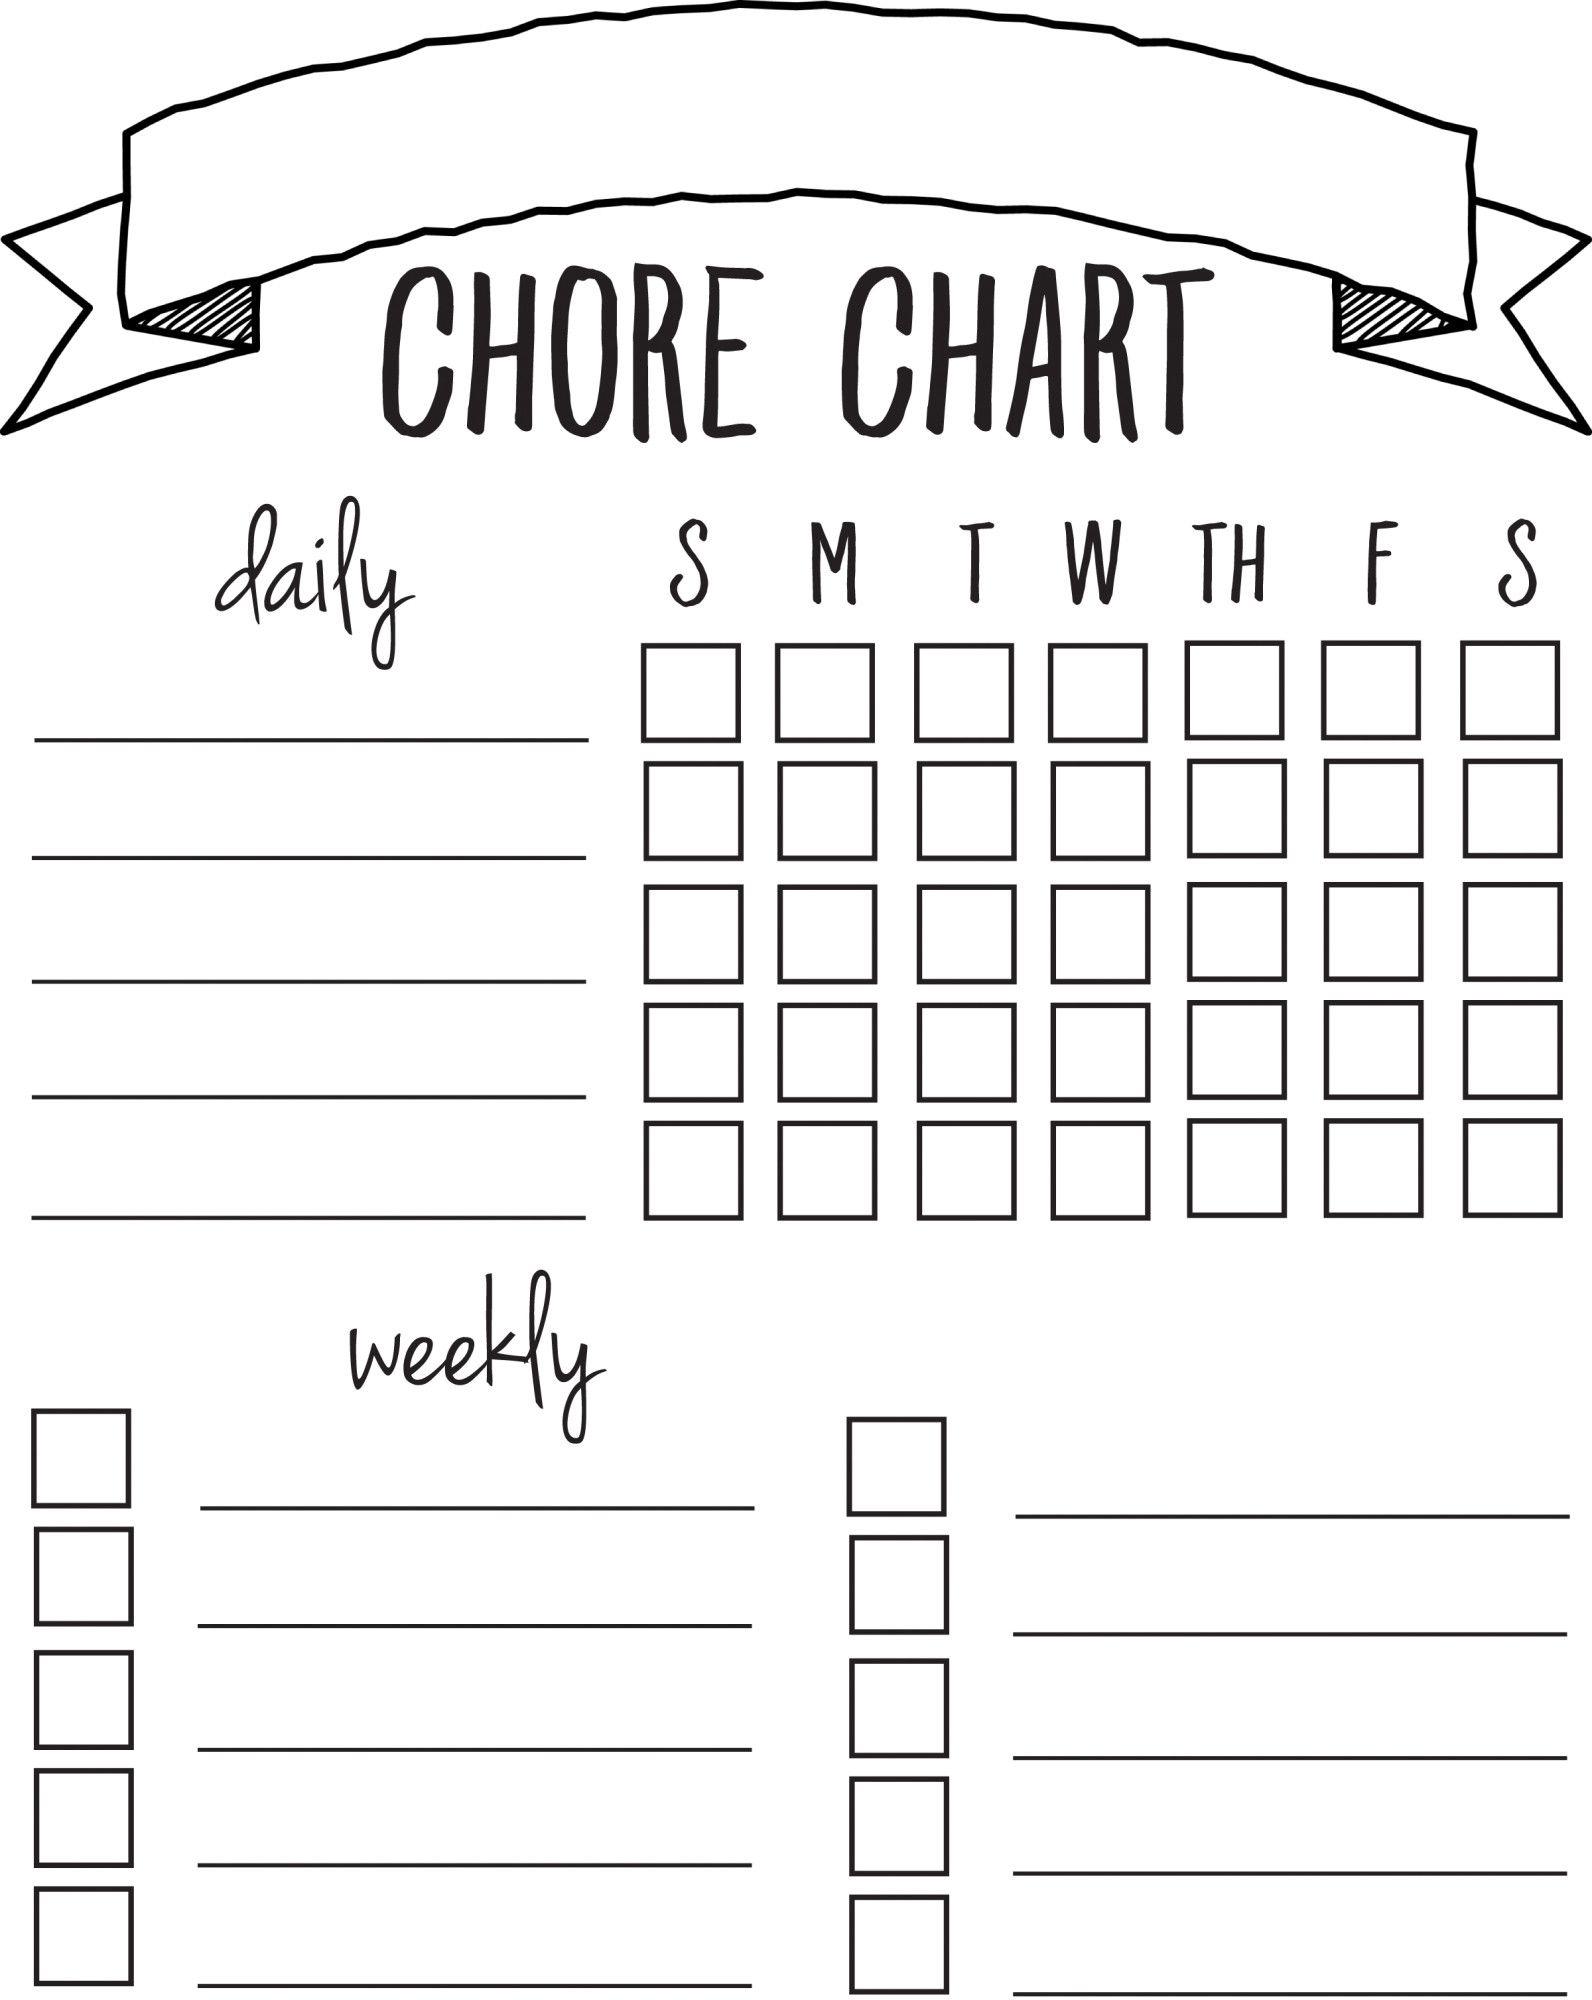 Diy Printable Chore Chart   Free Printables Nov/feb   Pinterest - Free Printable Chore List